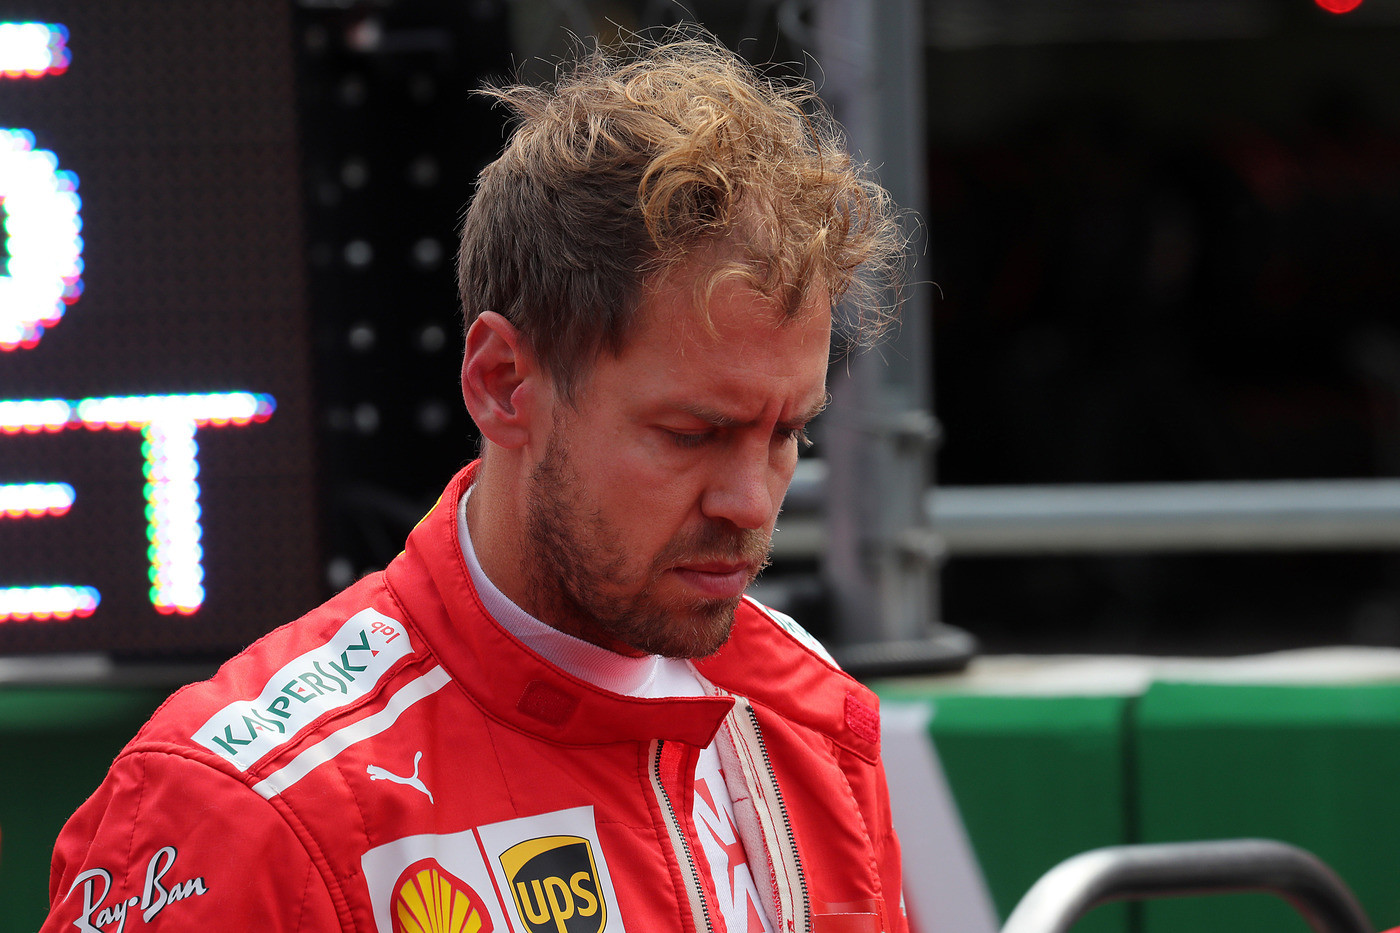 F1, amarezza e rimpianti: Ferrari prolunga ancora il digiuno mondiale